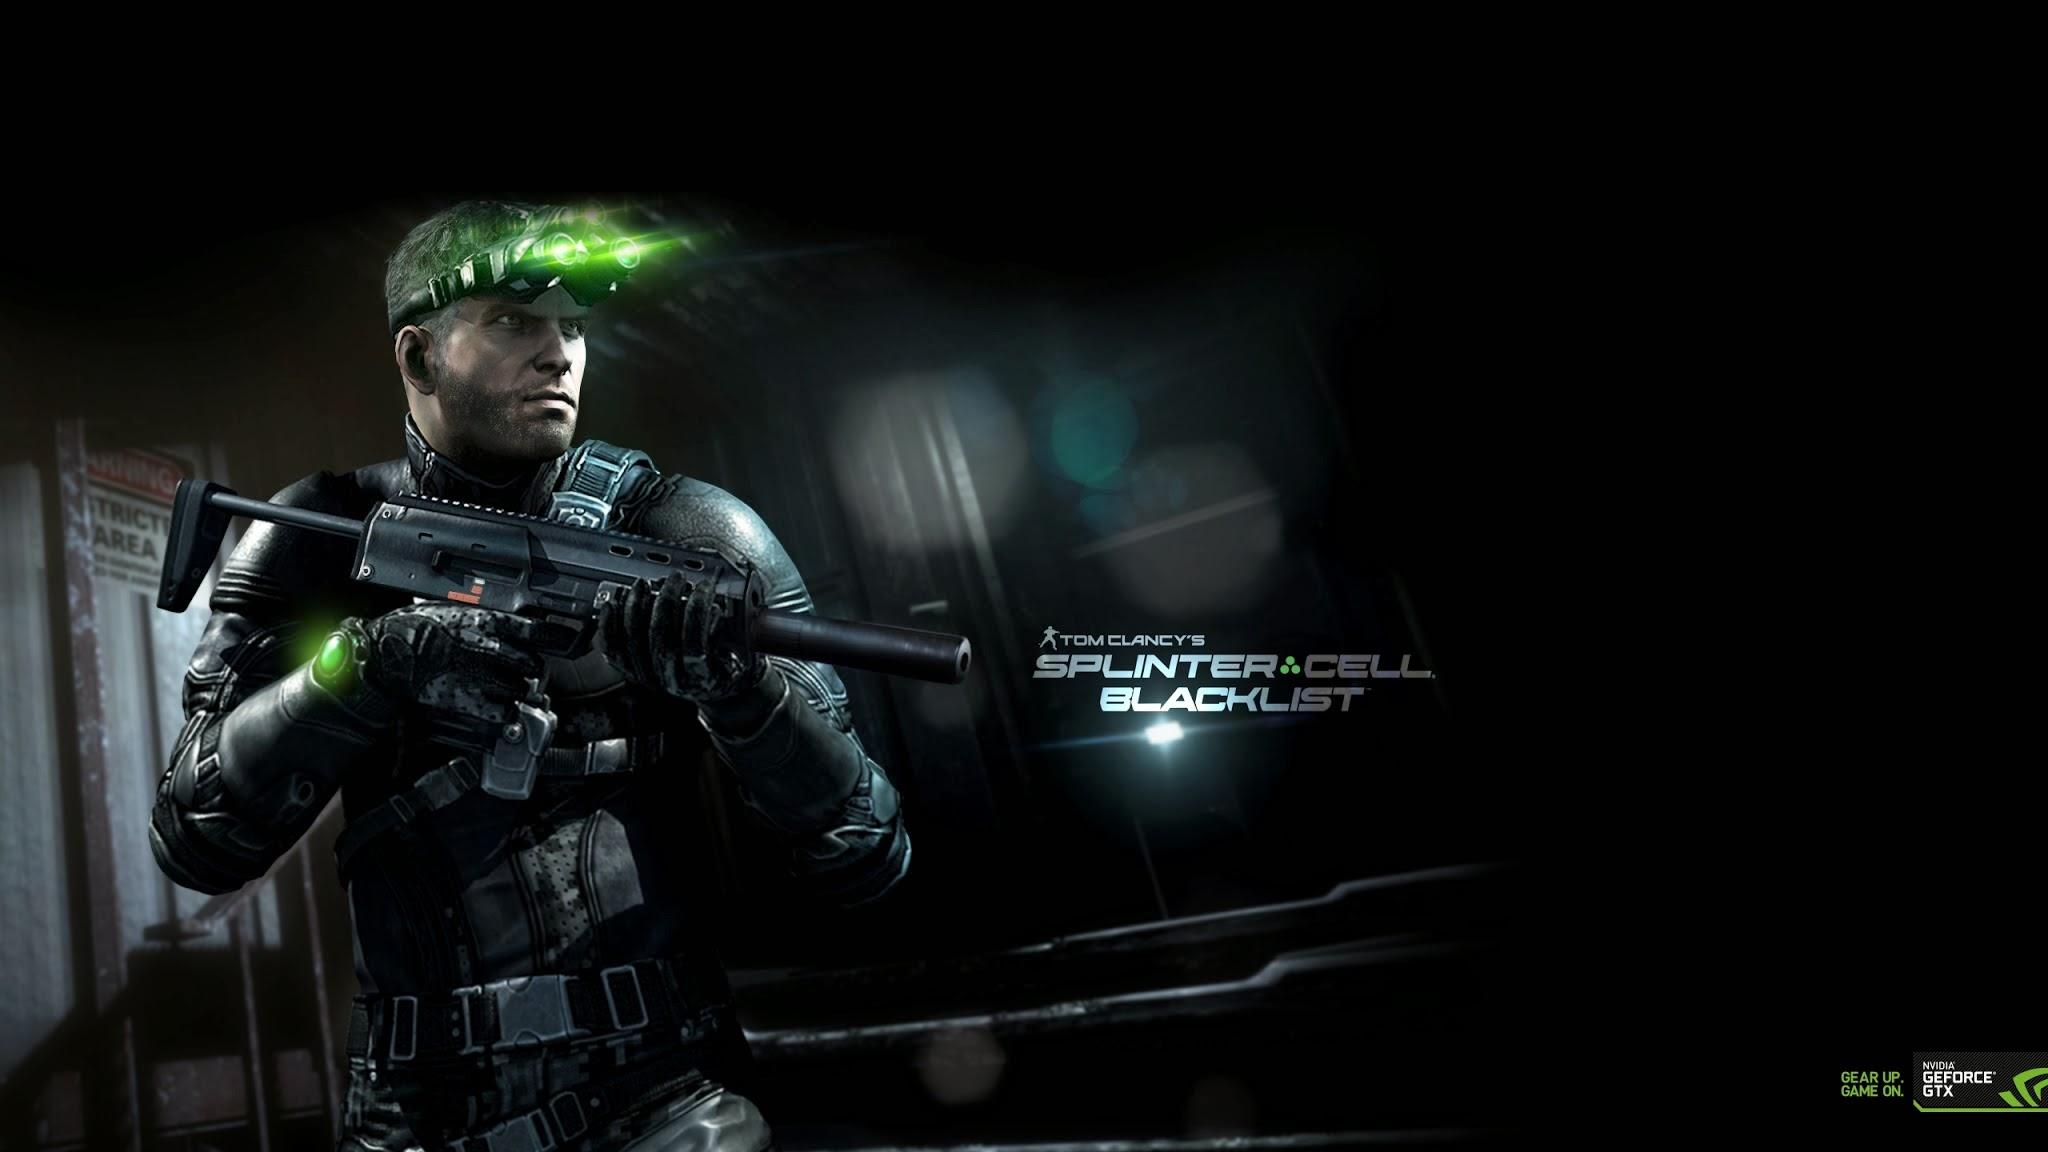 splinter cell blacklist video game nvidia armed hd wallpaper